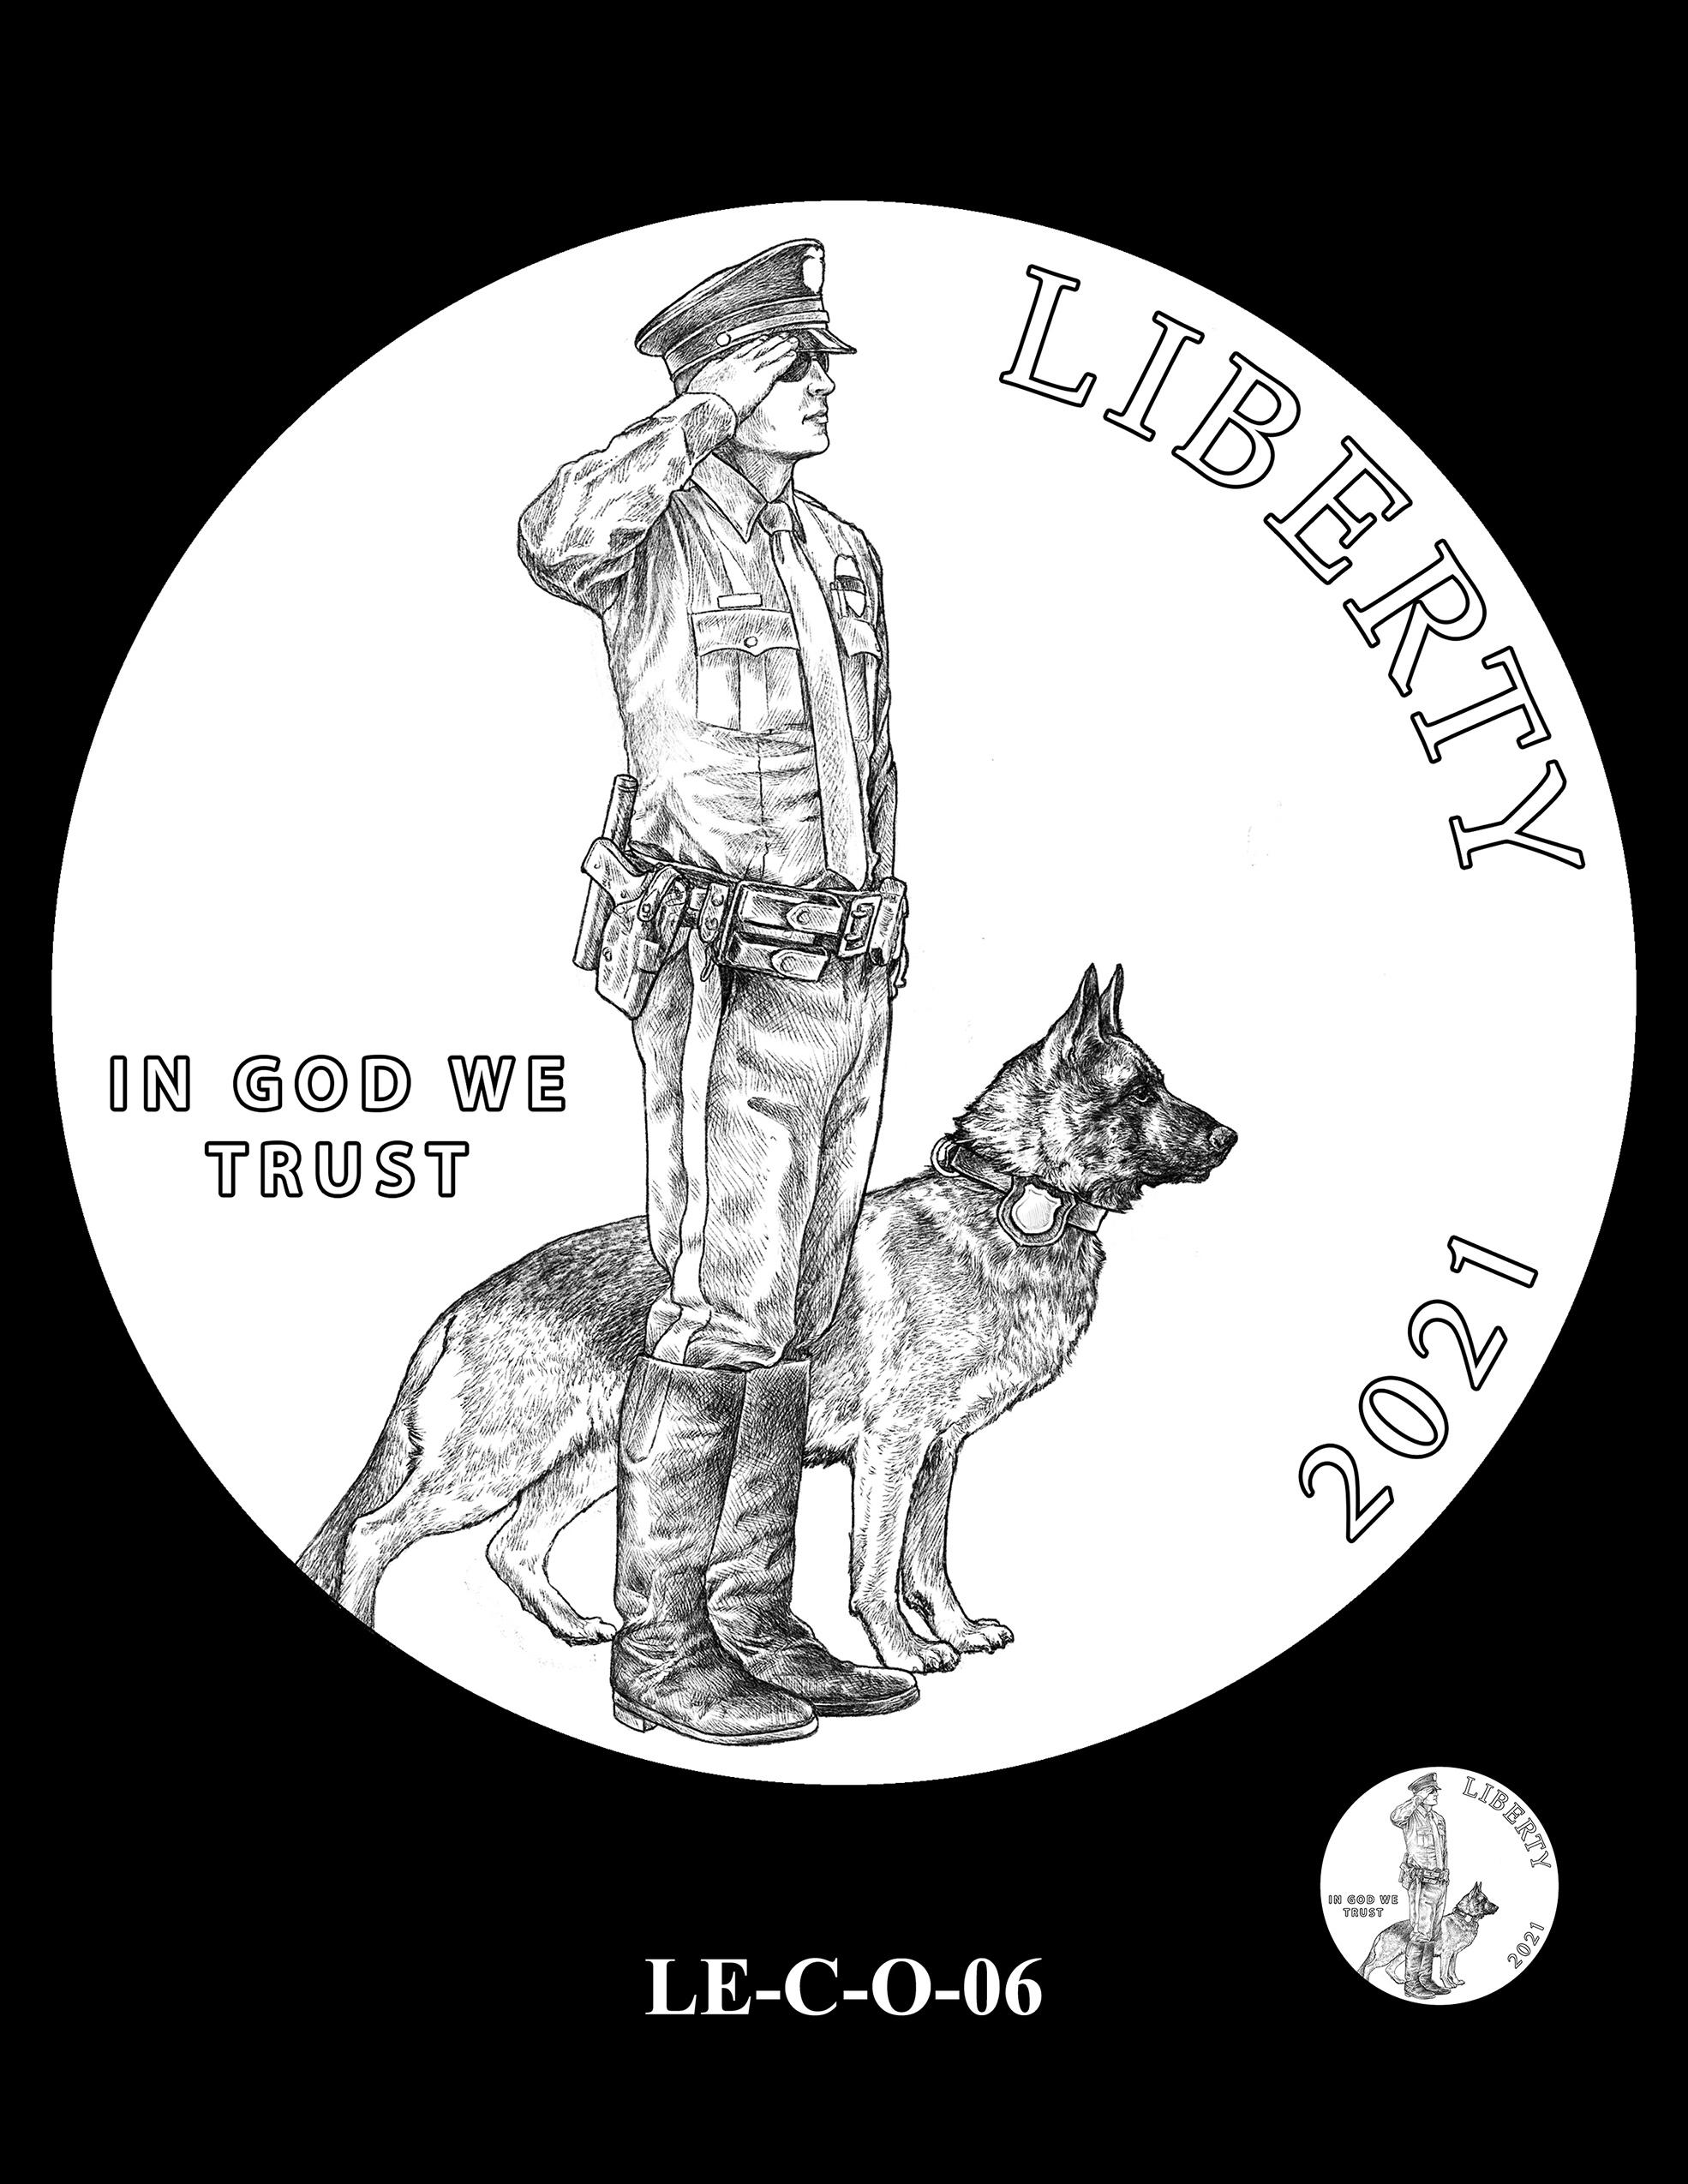 LE-C-O-06 -- National Law Enforcement Museum Commemorative Coin Program